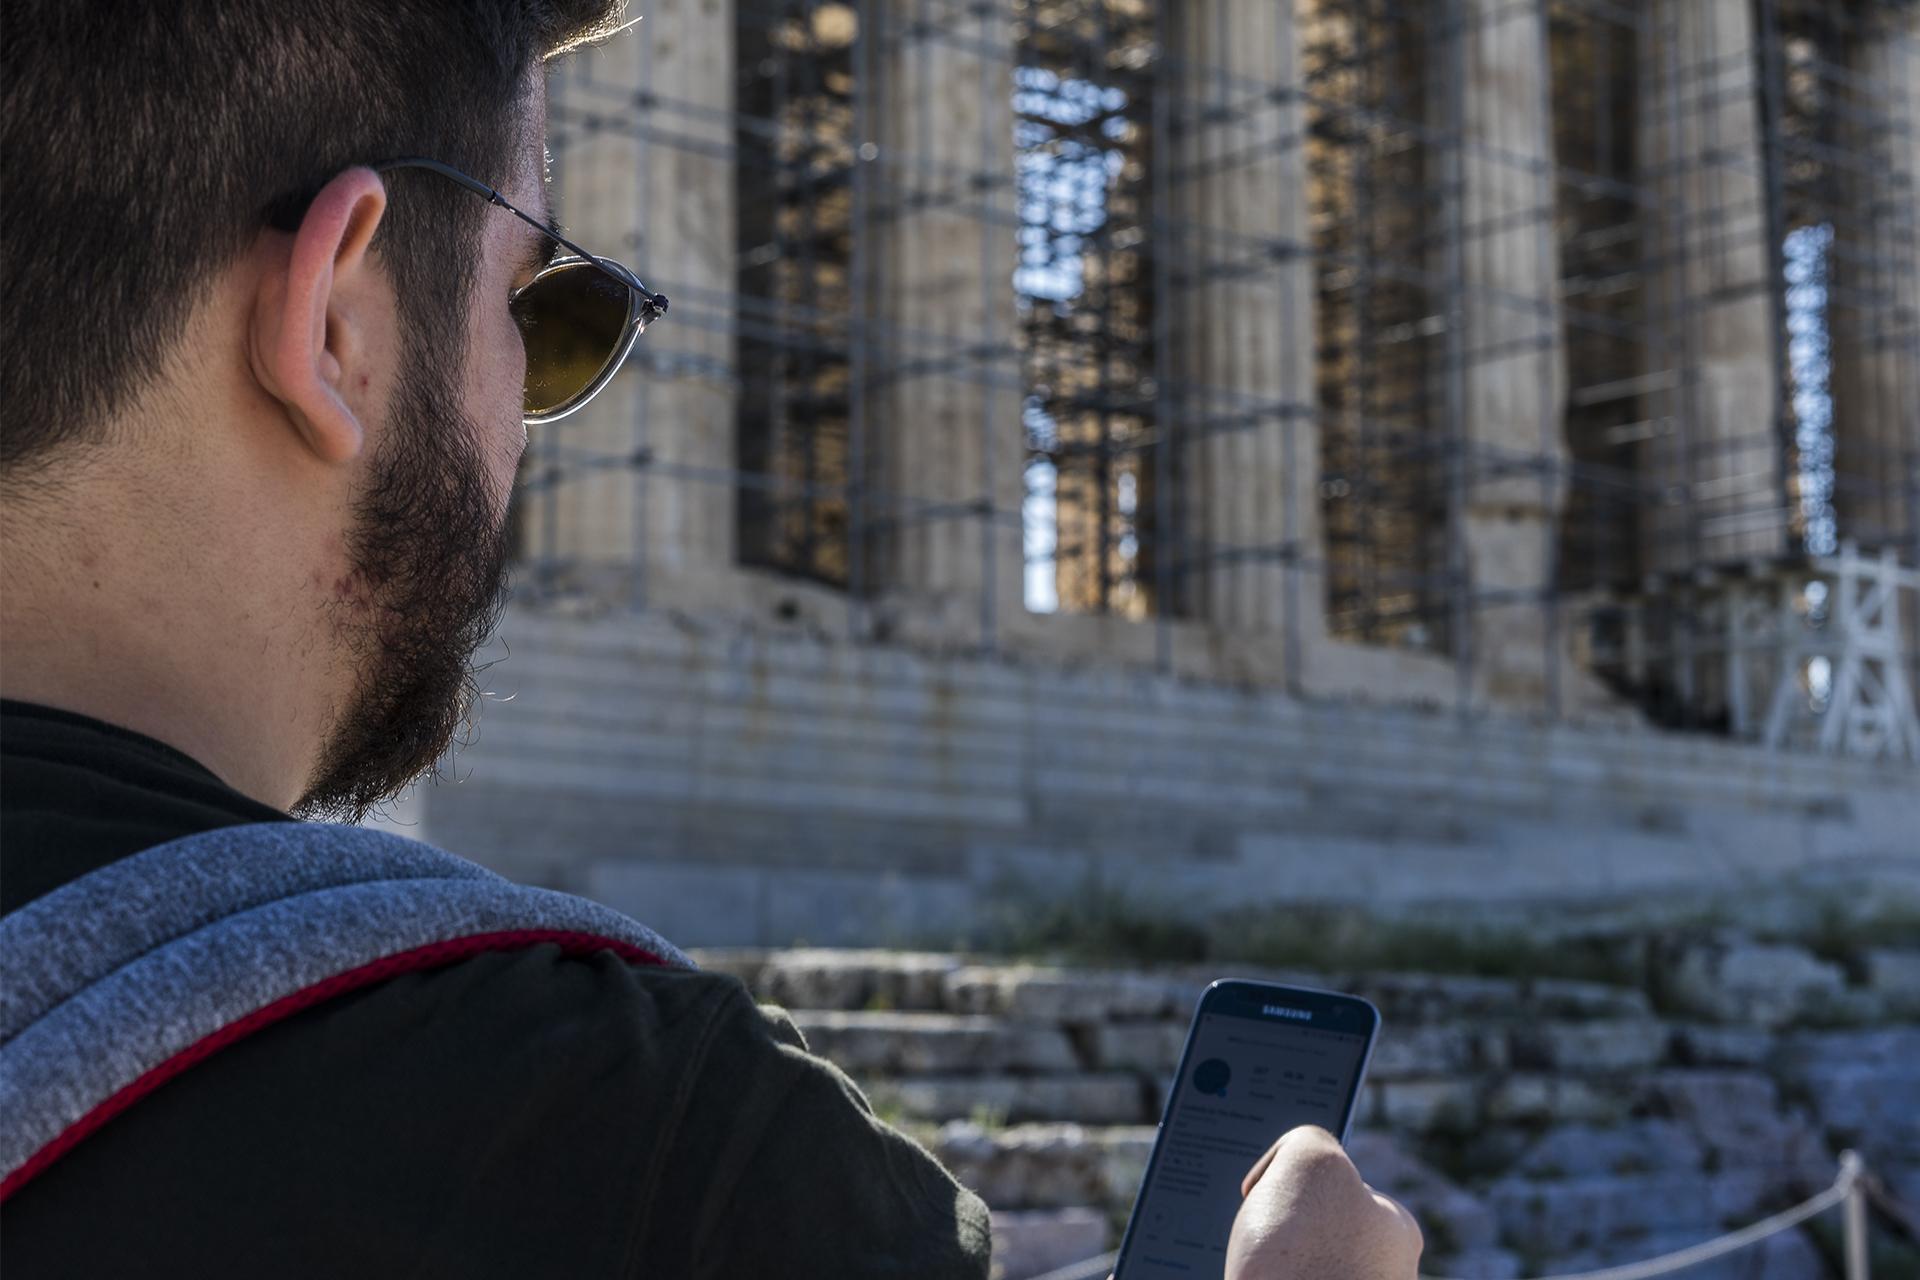 📍 Acropolis, Athens, Greece